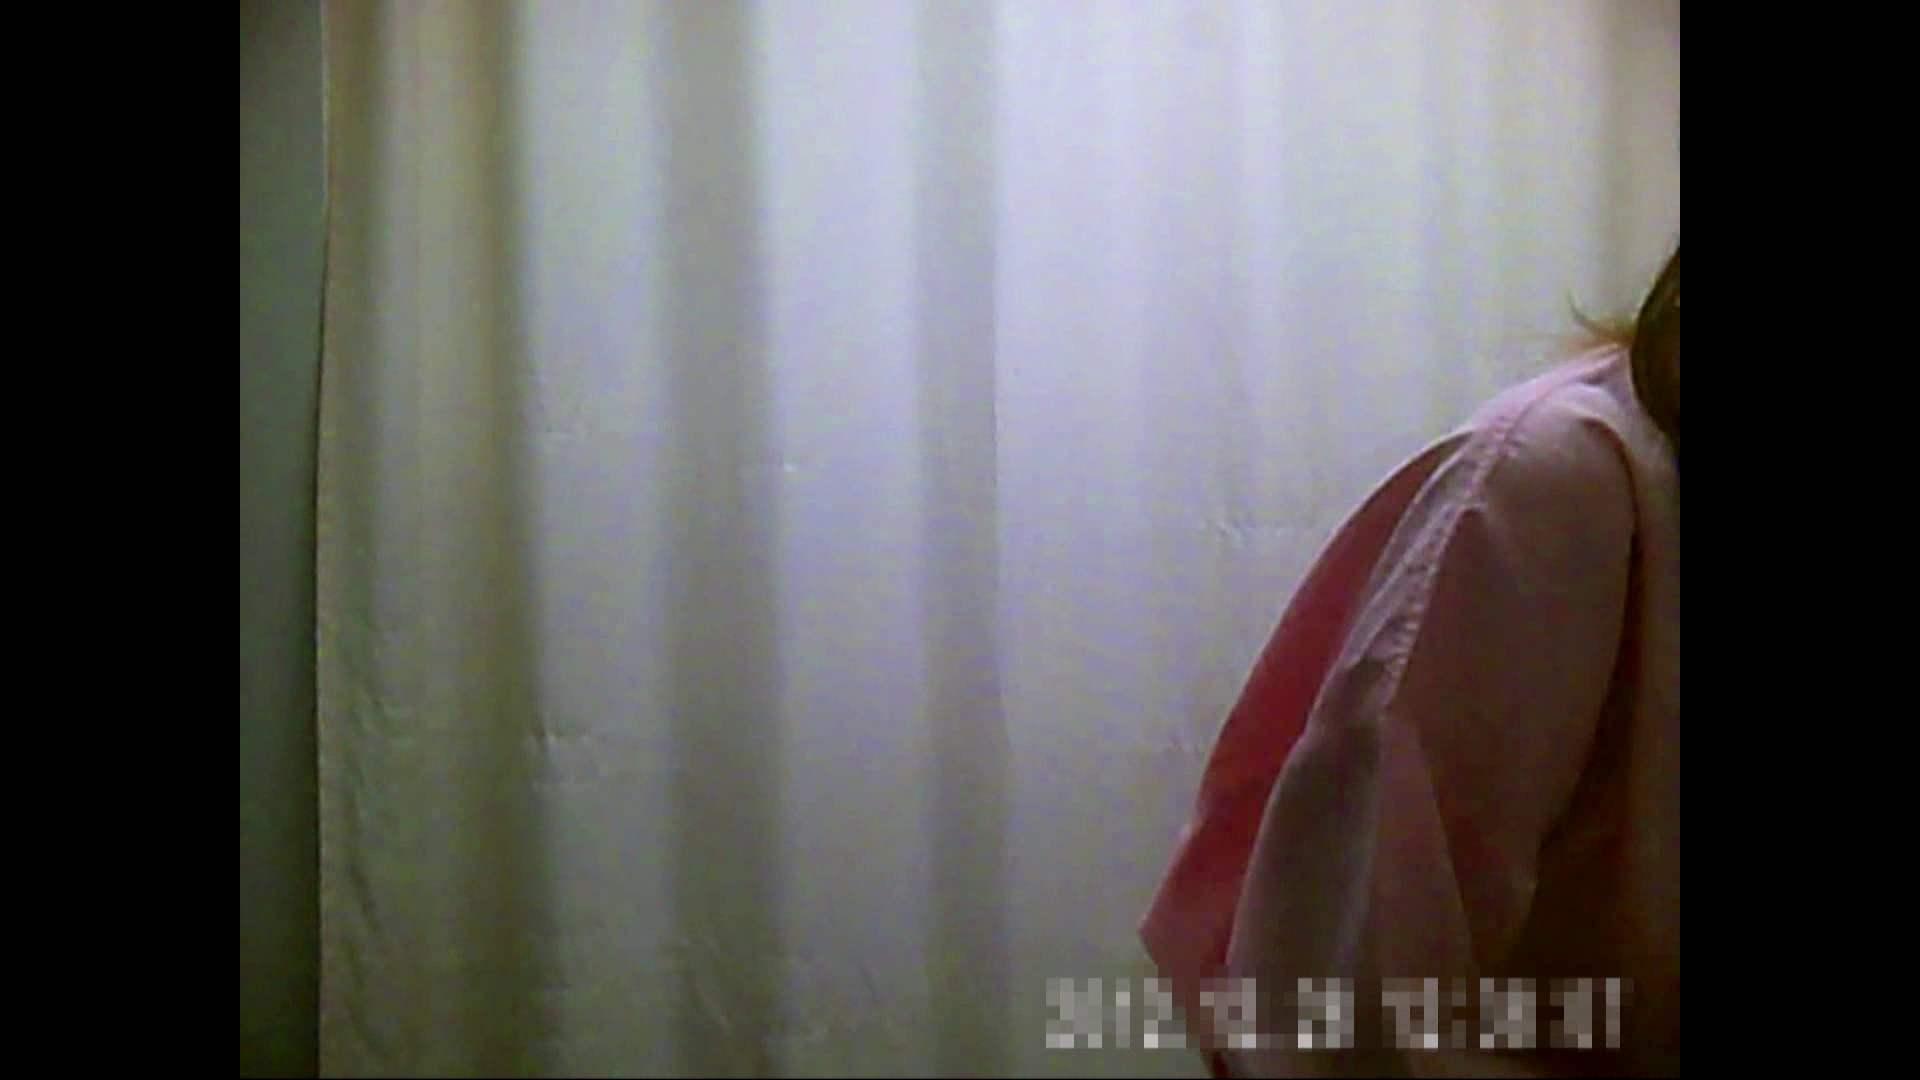 元医者による反抗 更衣室地獄絵巻 vol.110 OL | 0  83連発 59